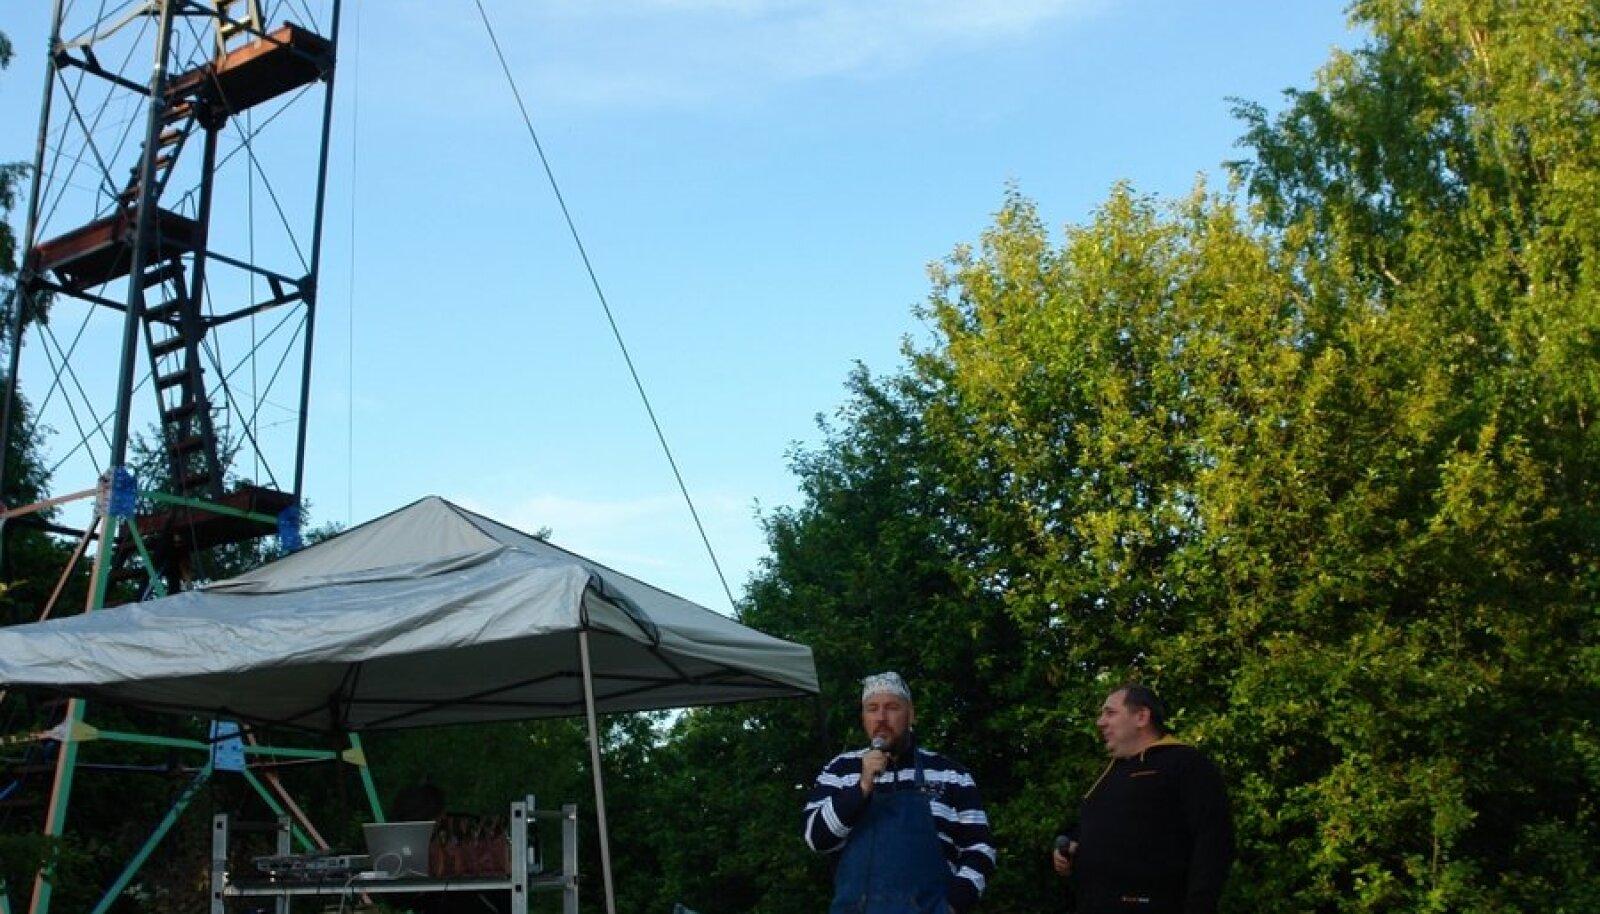 Poolsaare raadio algataja Artur Talvik intervjueerib avasaates tulevast DJd Aivar Jürimetsa (Foto: Sõnumitooja)